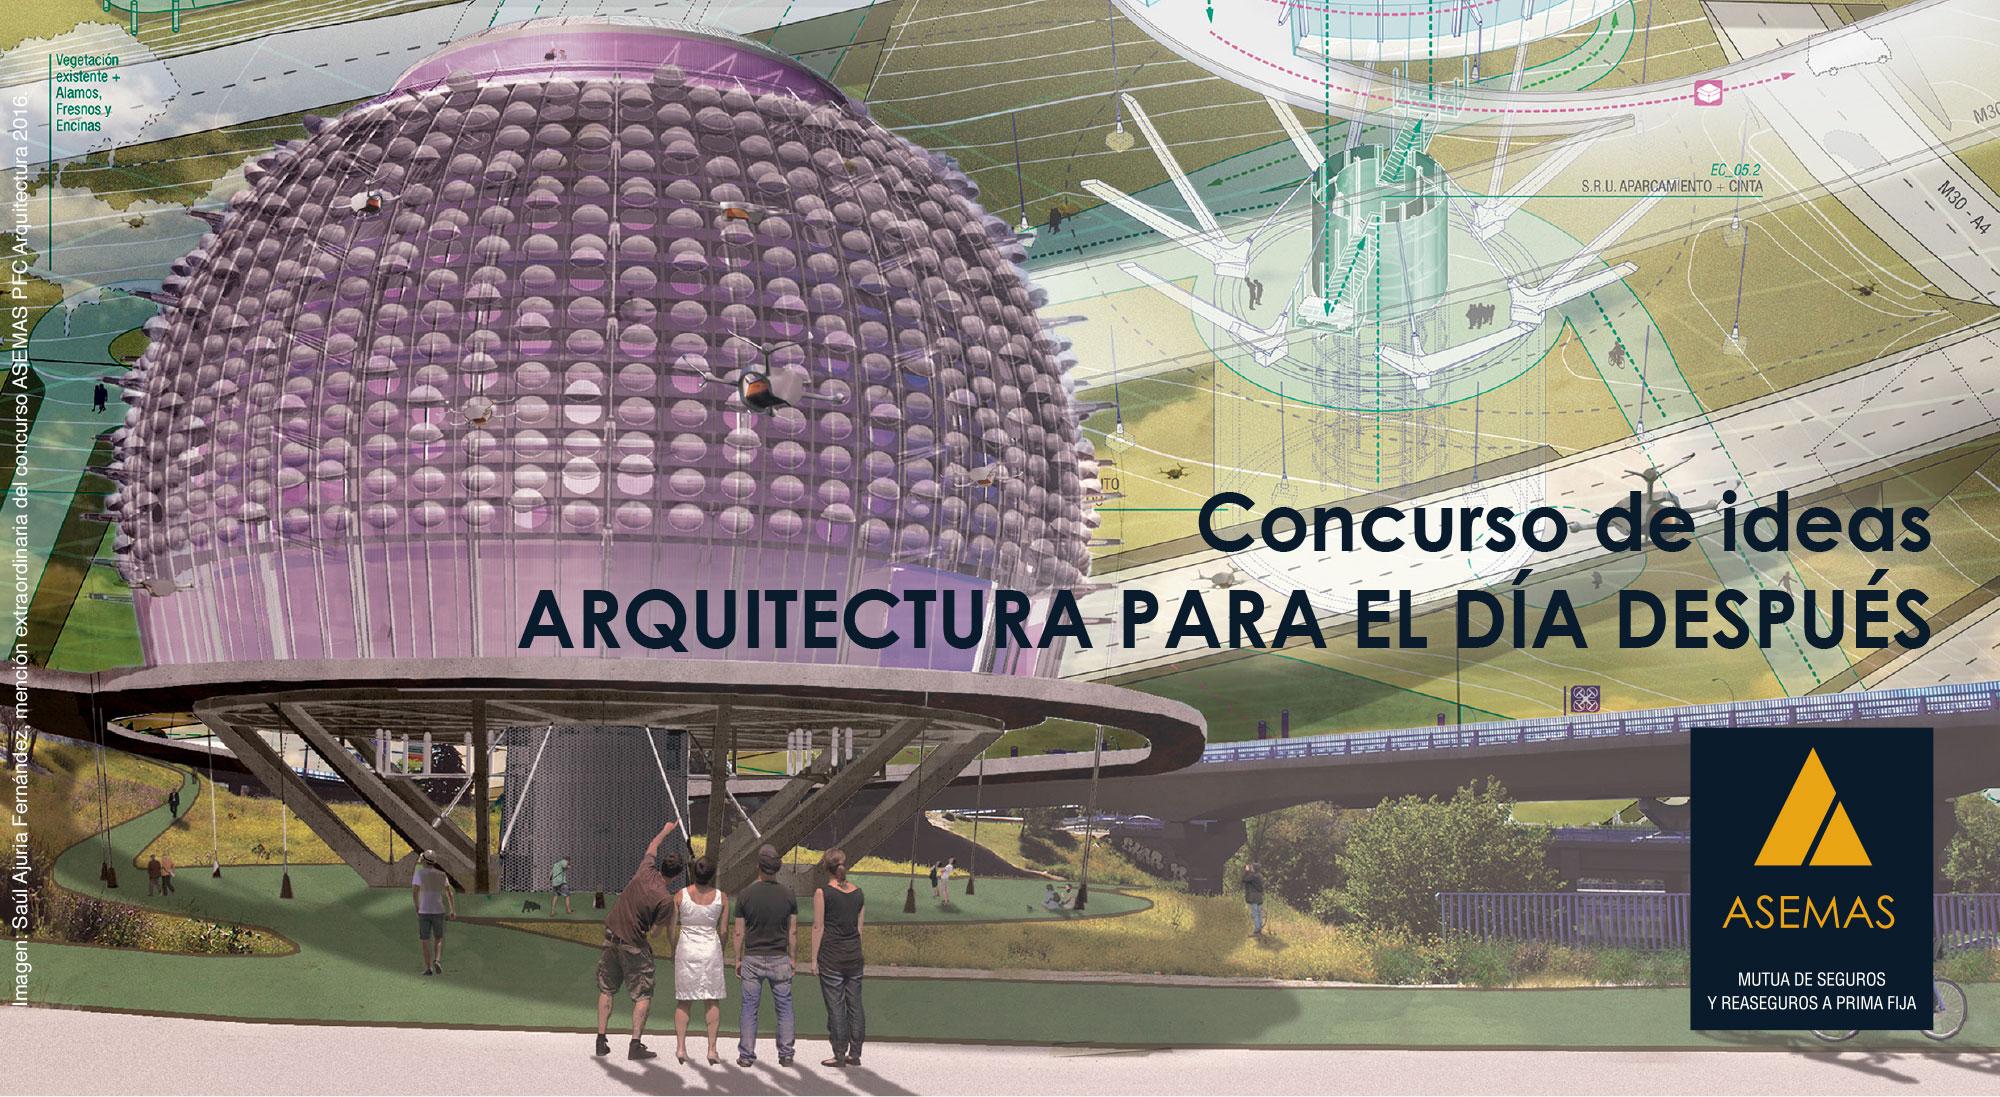 Concurso de ideas: Arquitectura para el día después